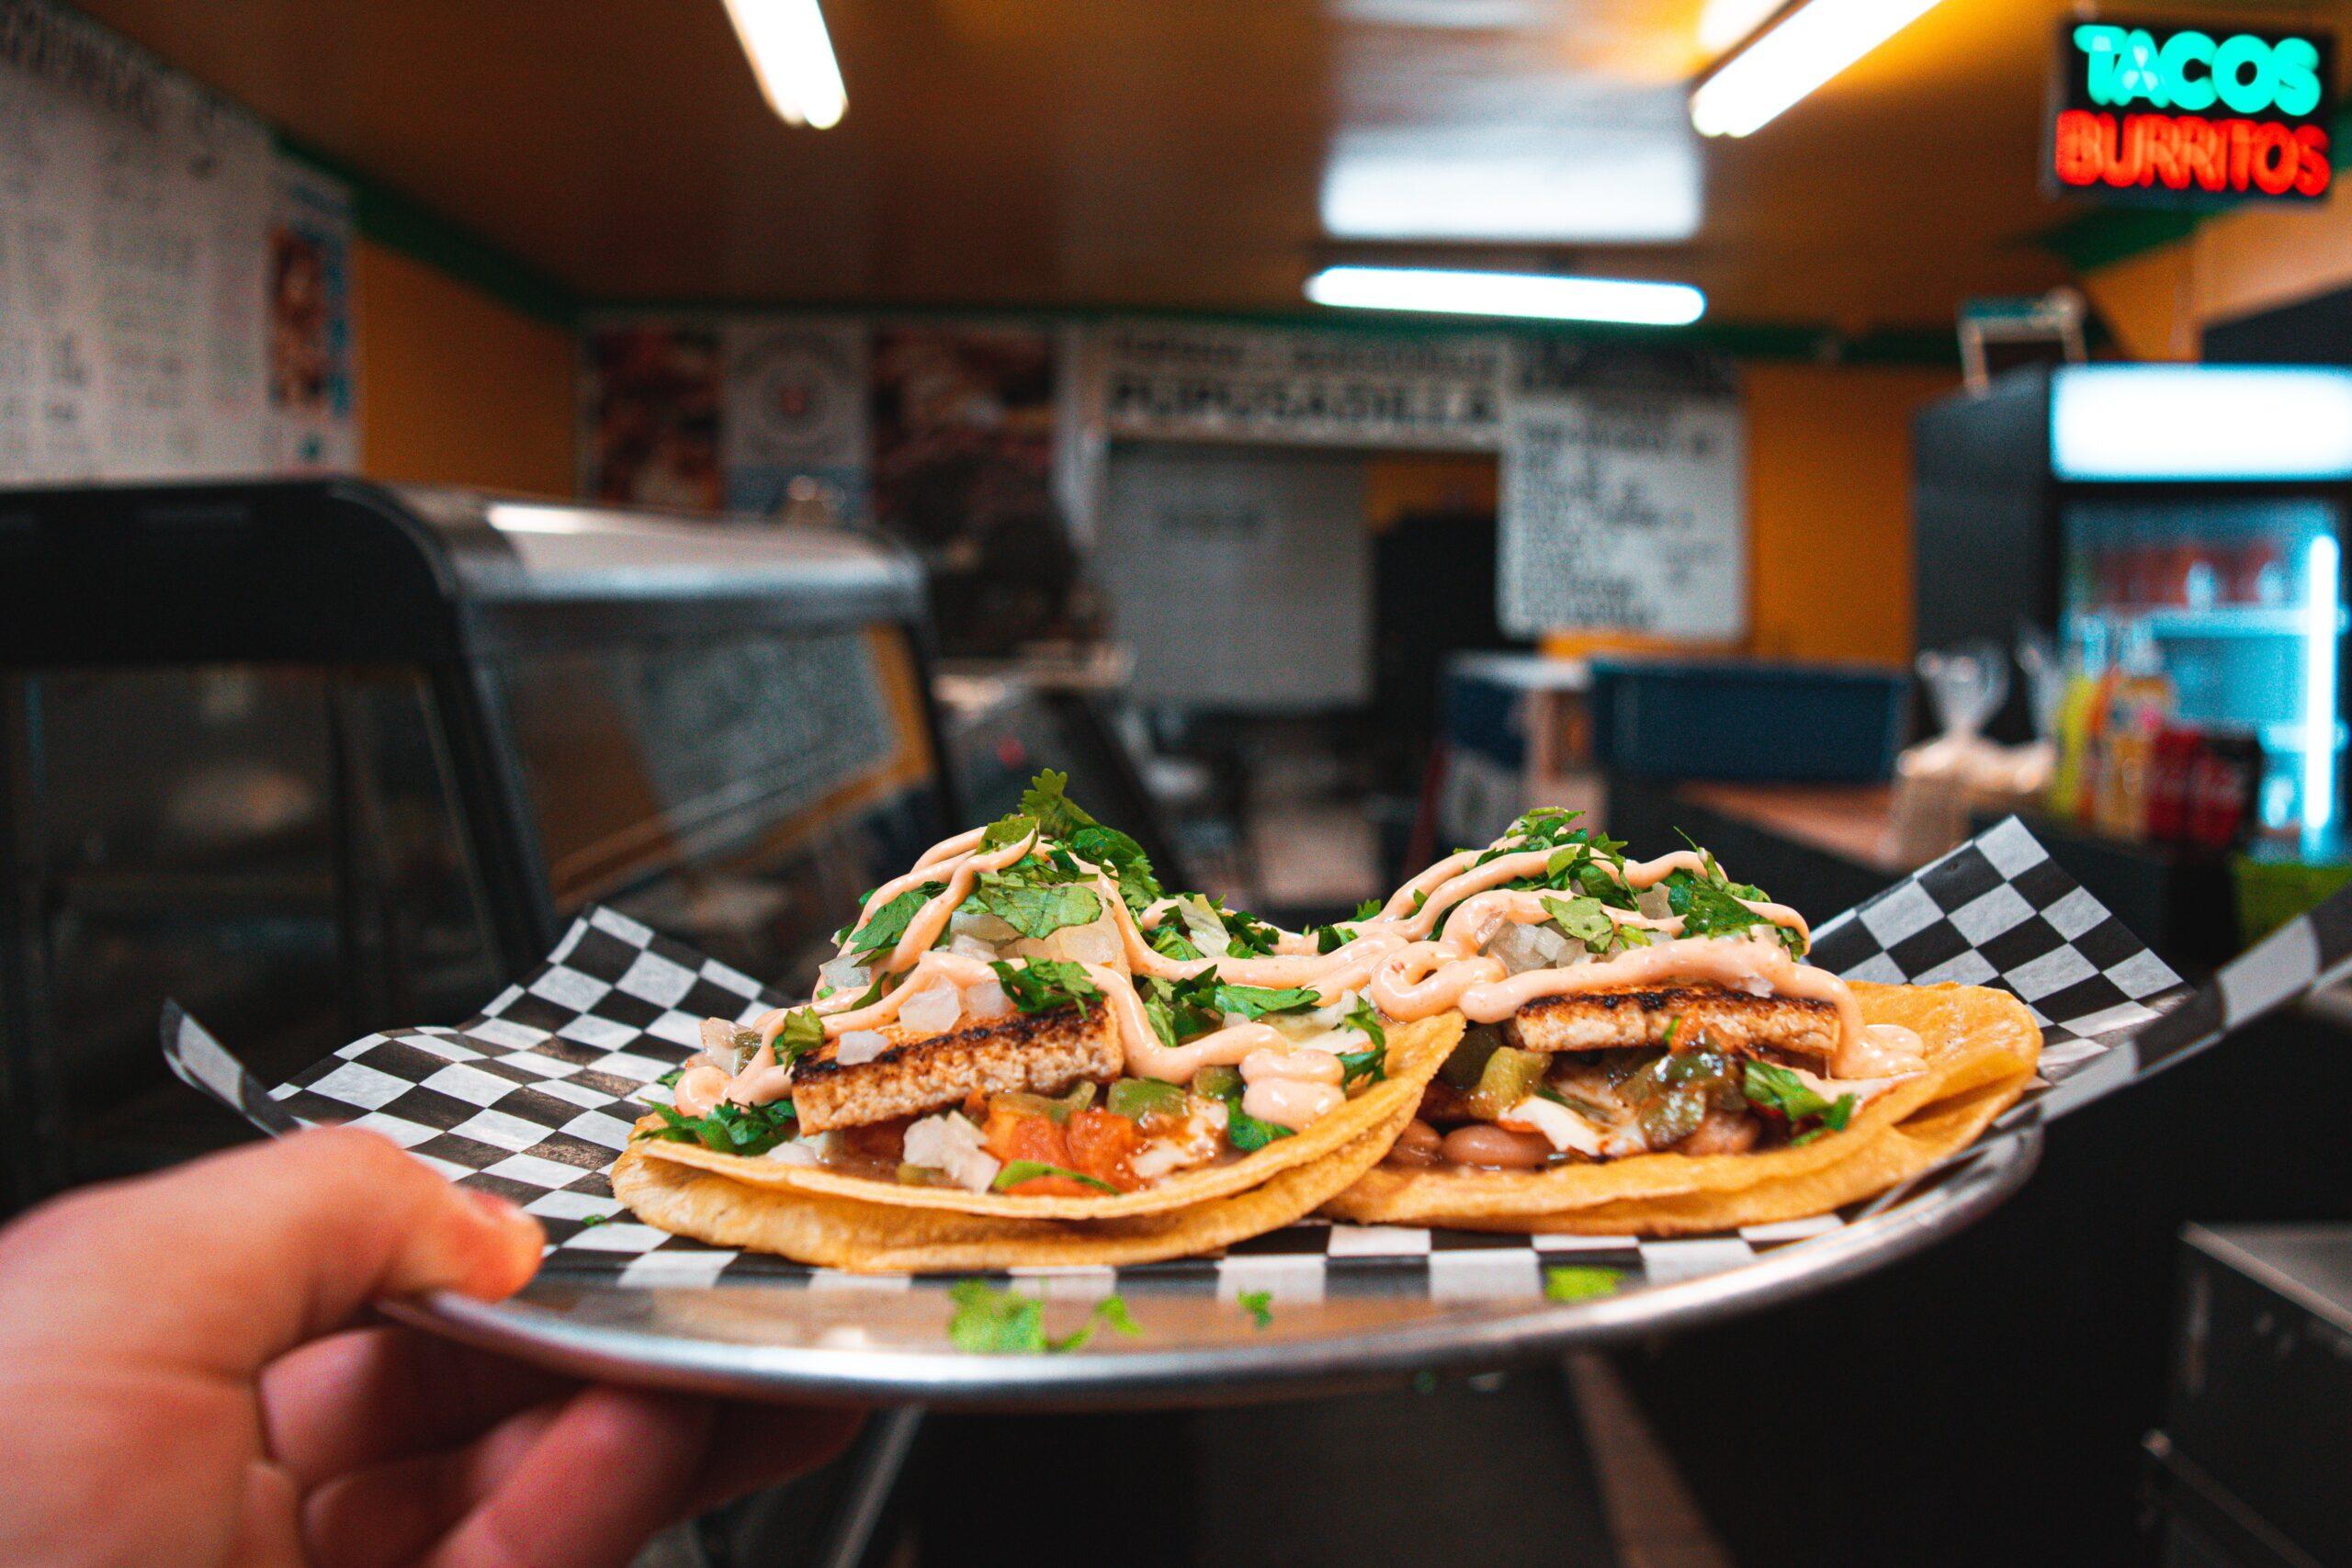 La comida Tex-Mex, una gastronomía incomprendida